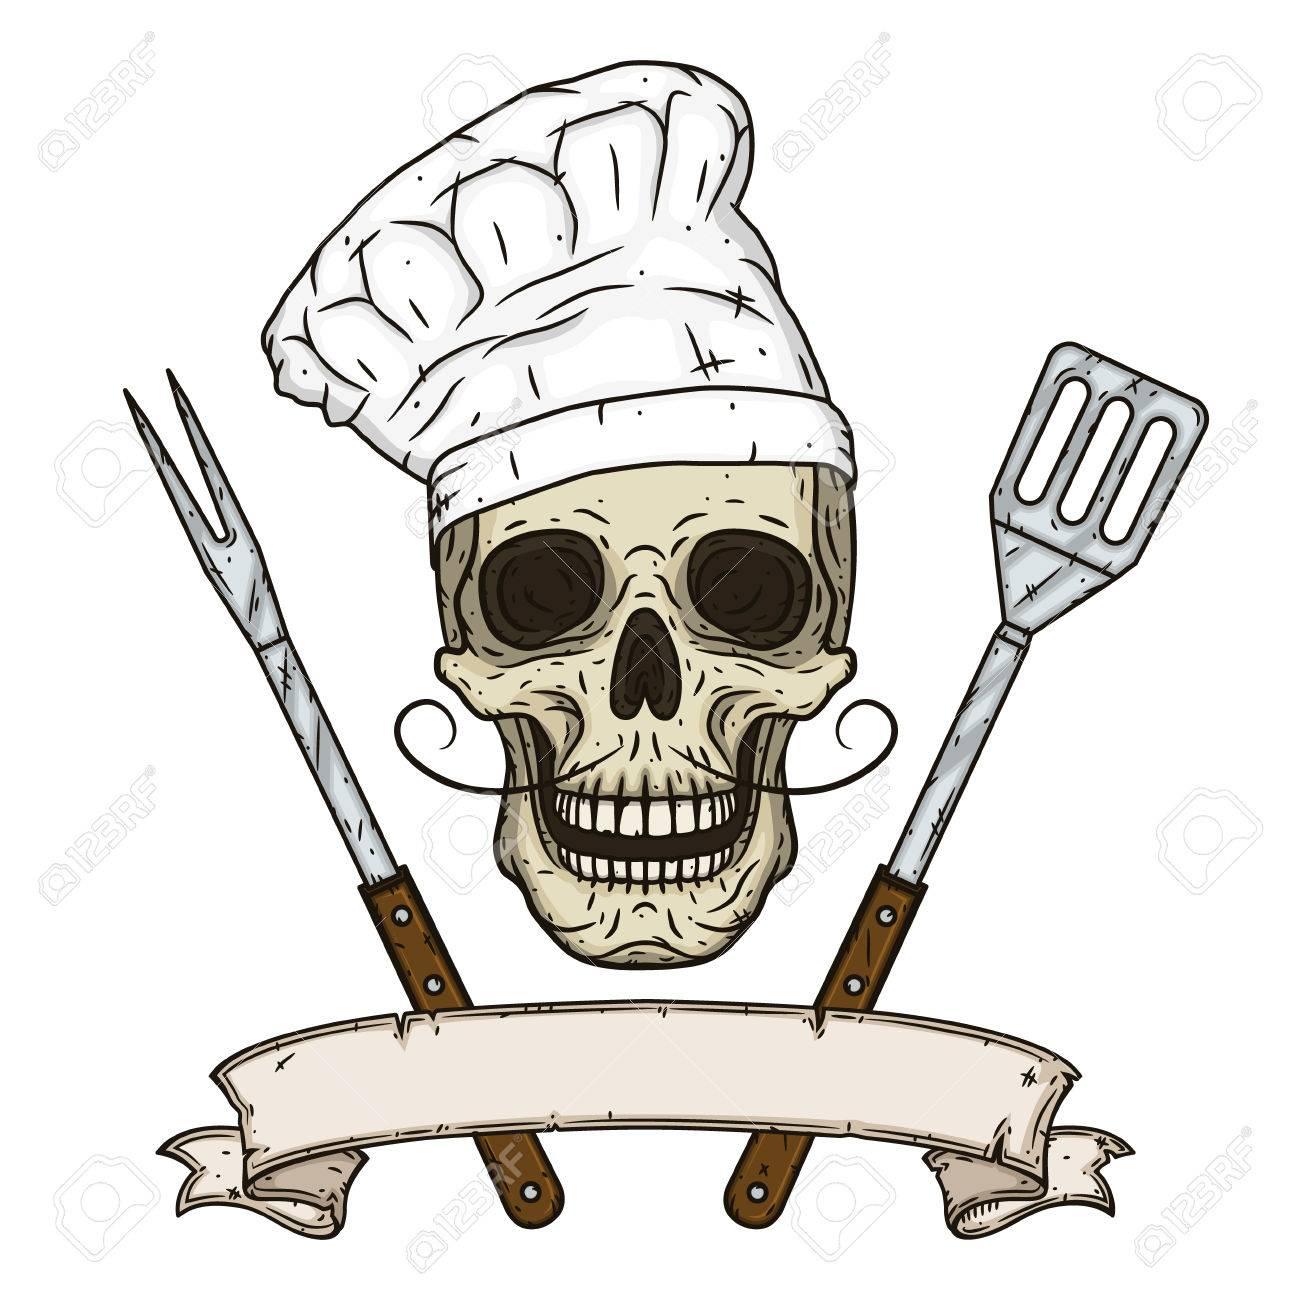 Dessin Barbecue crâne en toque et outils de barbecue croisés. crâne de dessin animé